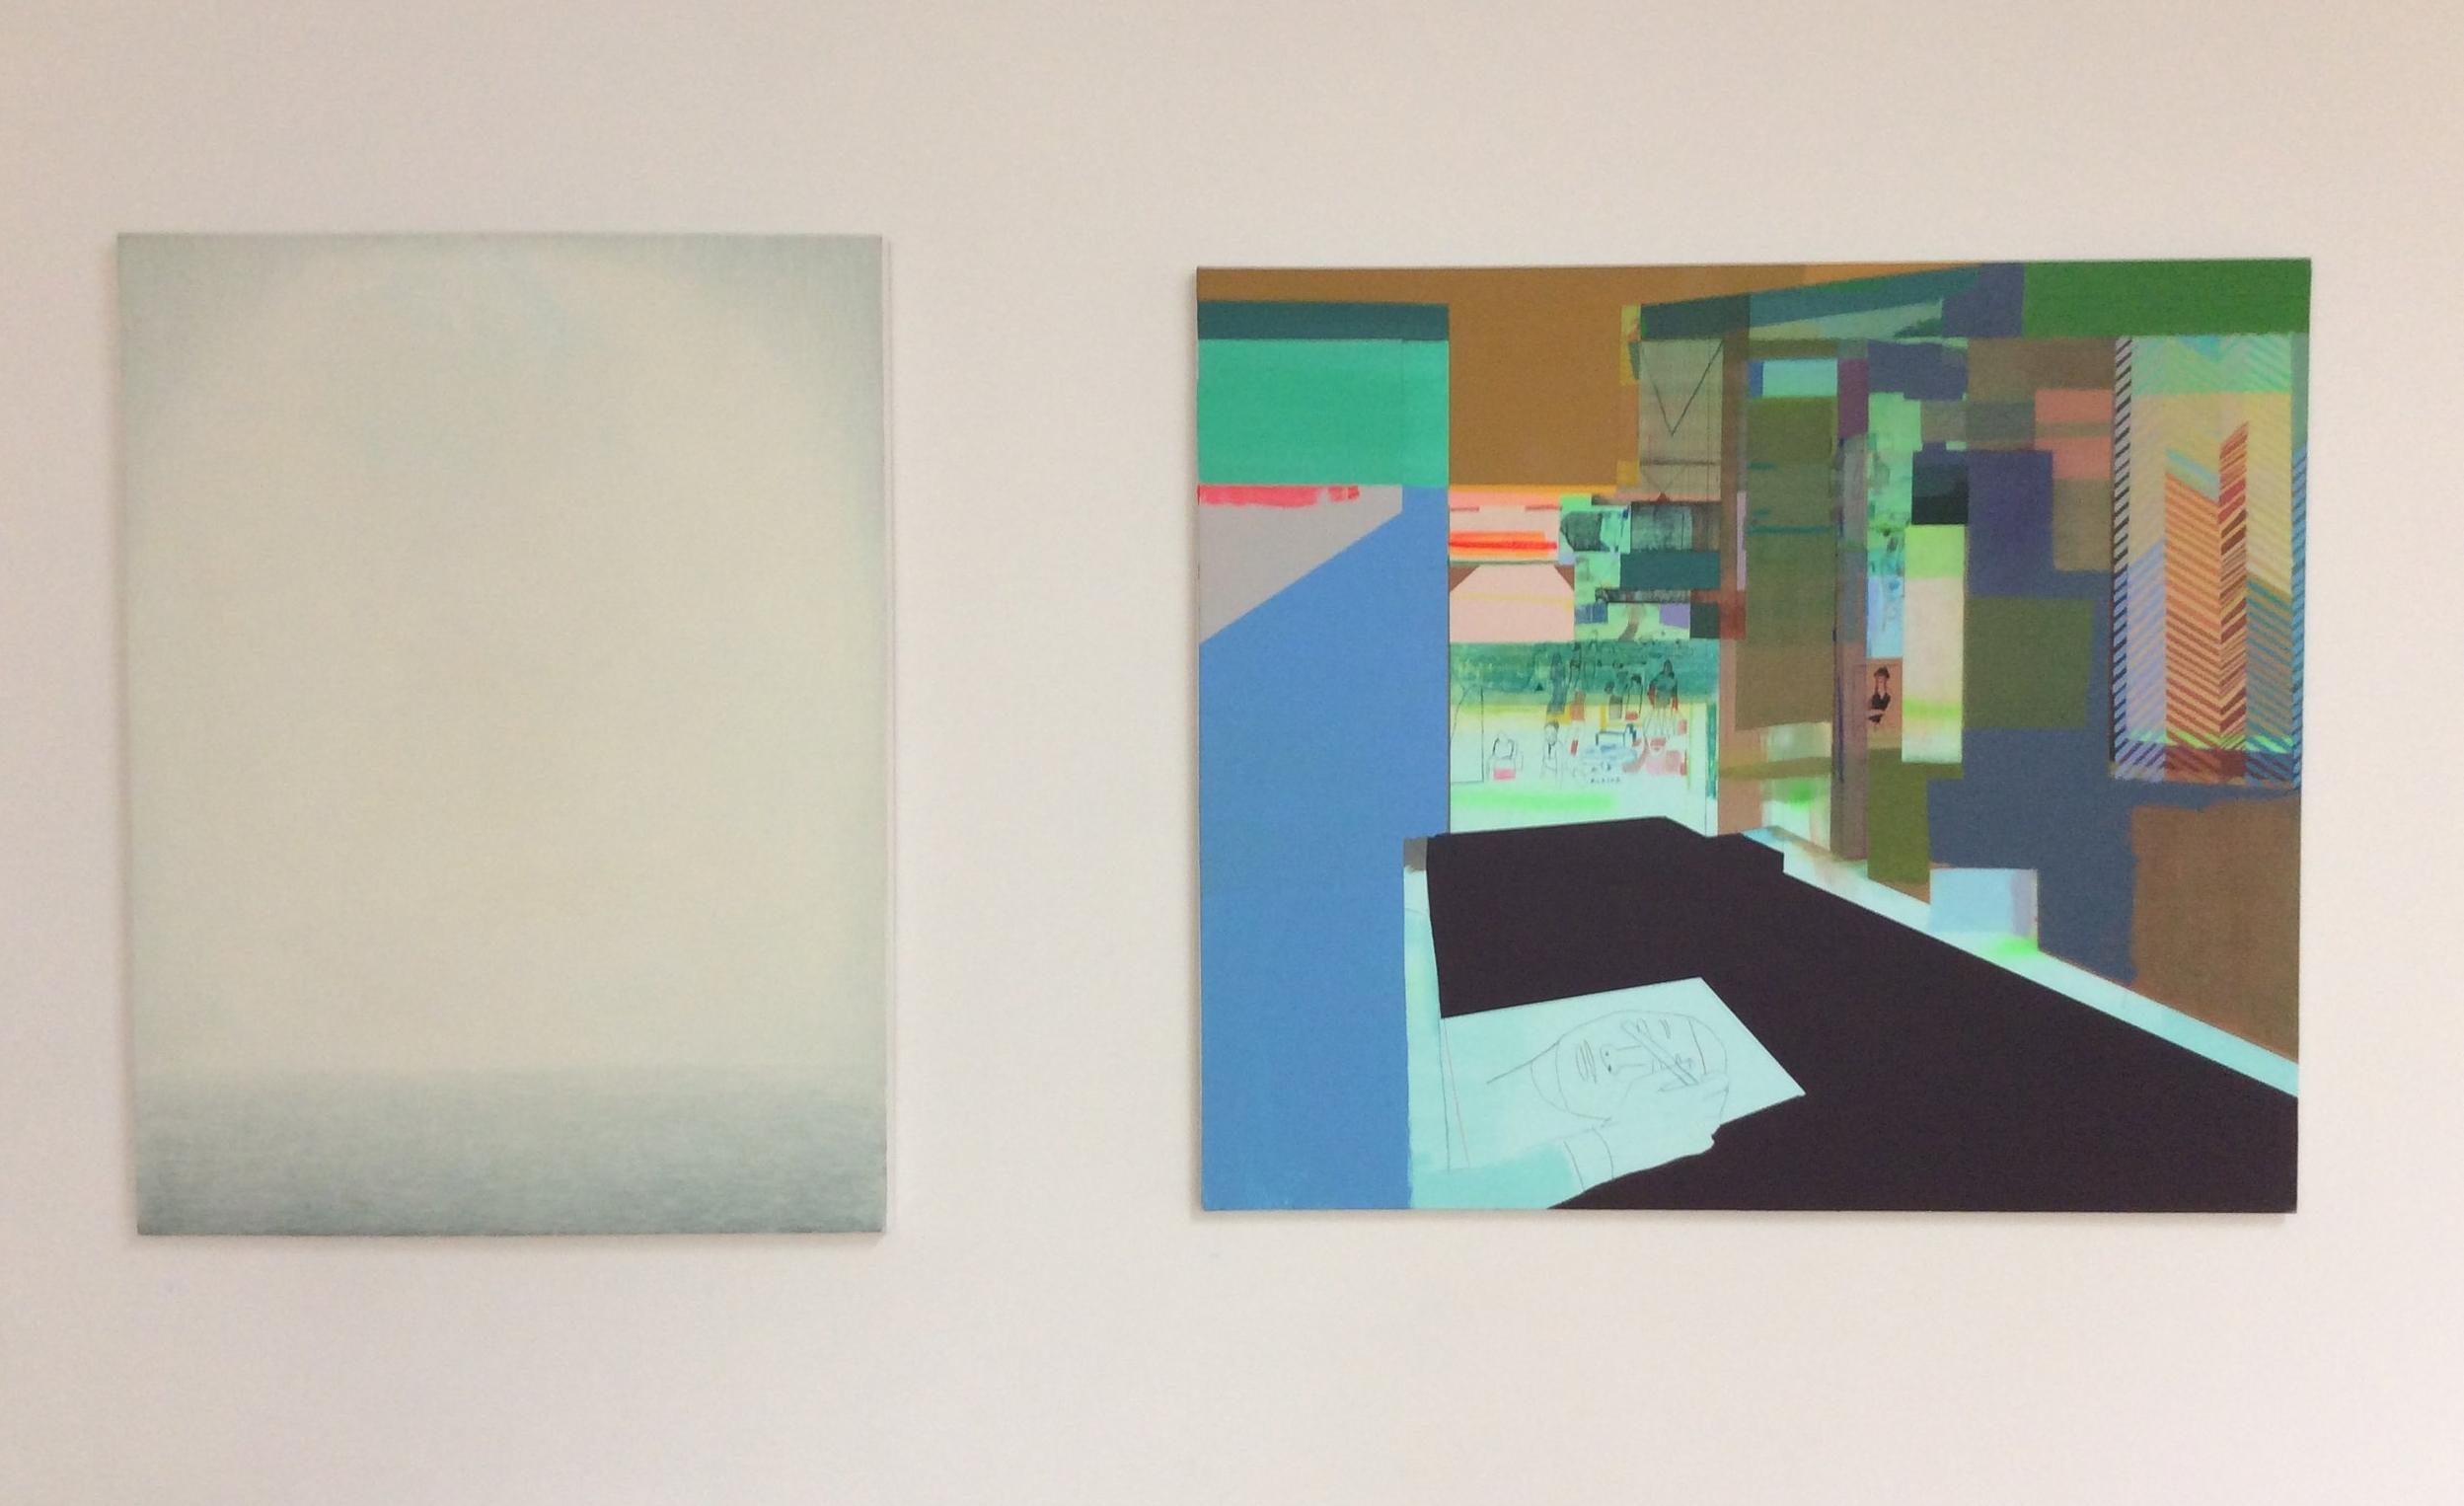 Gina Borg: Empty, Kristen Schiele: Dreamboards